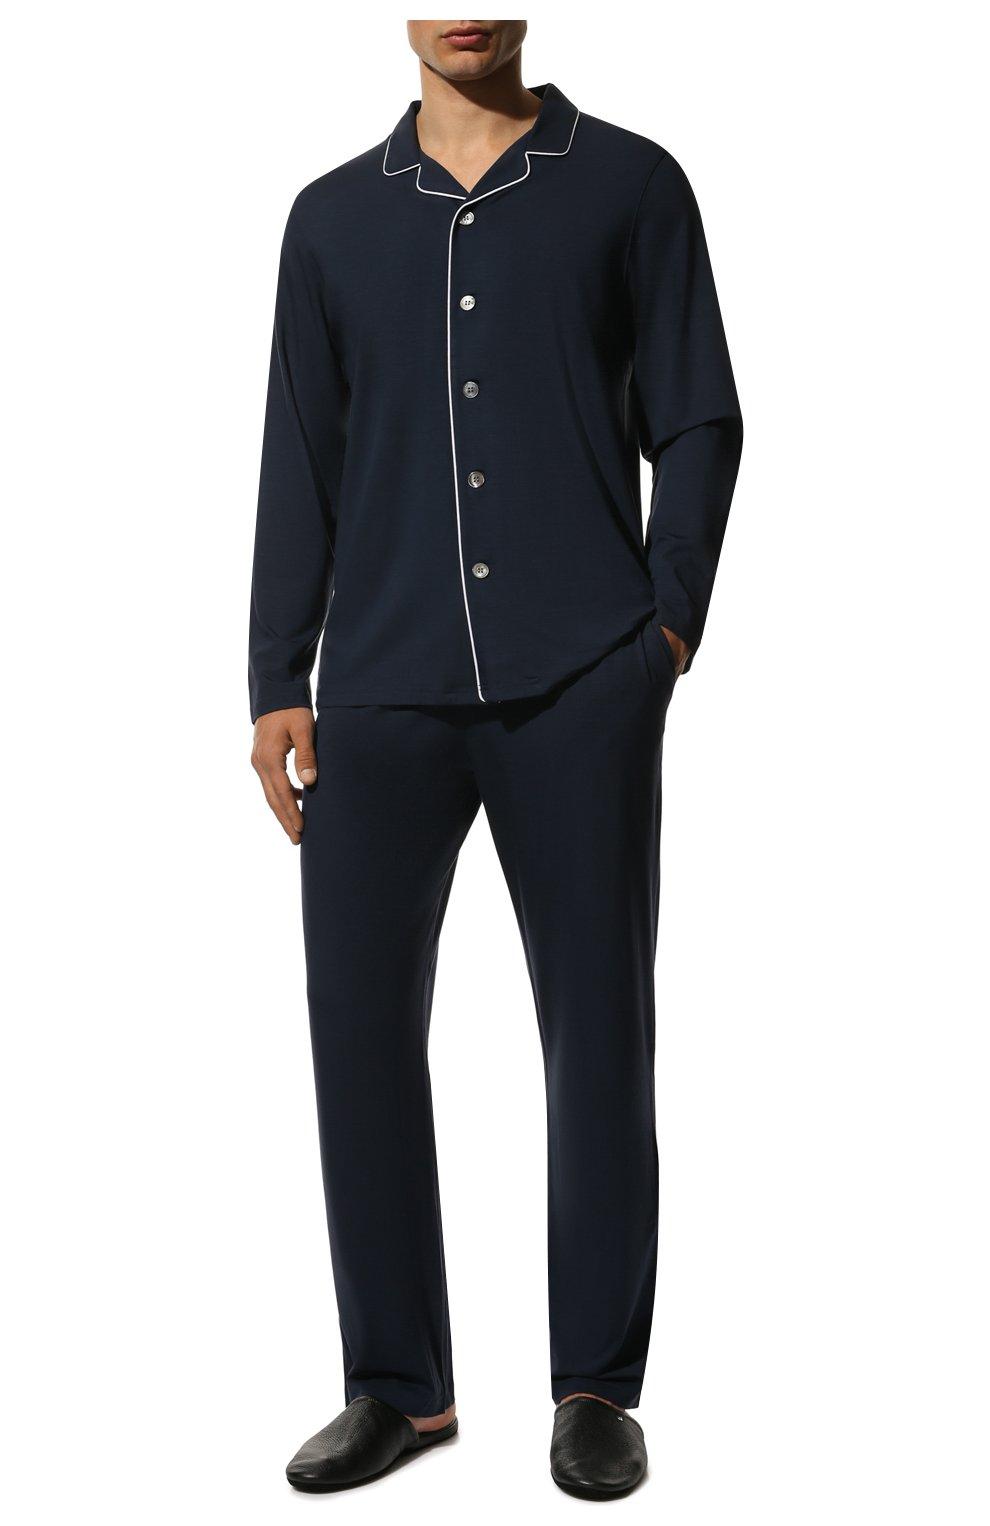 Мужская пижама DEREK ROSE темно-синего цвета, арт. 4070-BASE001   Фото 2 (Рукава: Длинные; Кросс-КТ: домашняя одежда; Материал внешний: Синтетический материал; Длина (для топов): Стандартные)